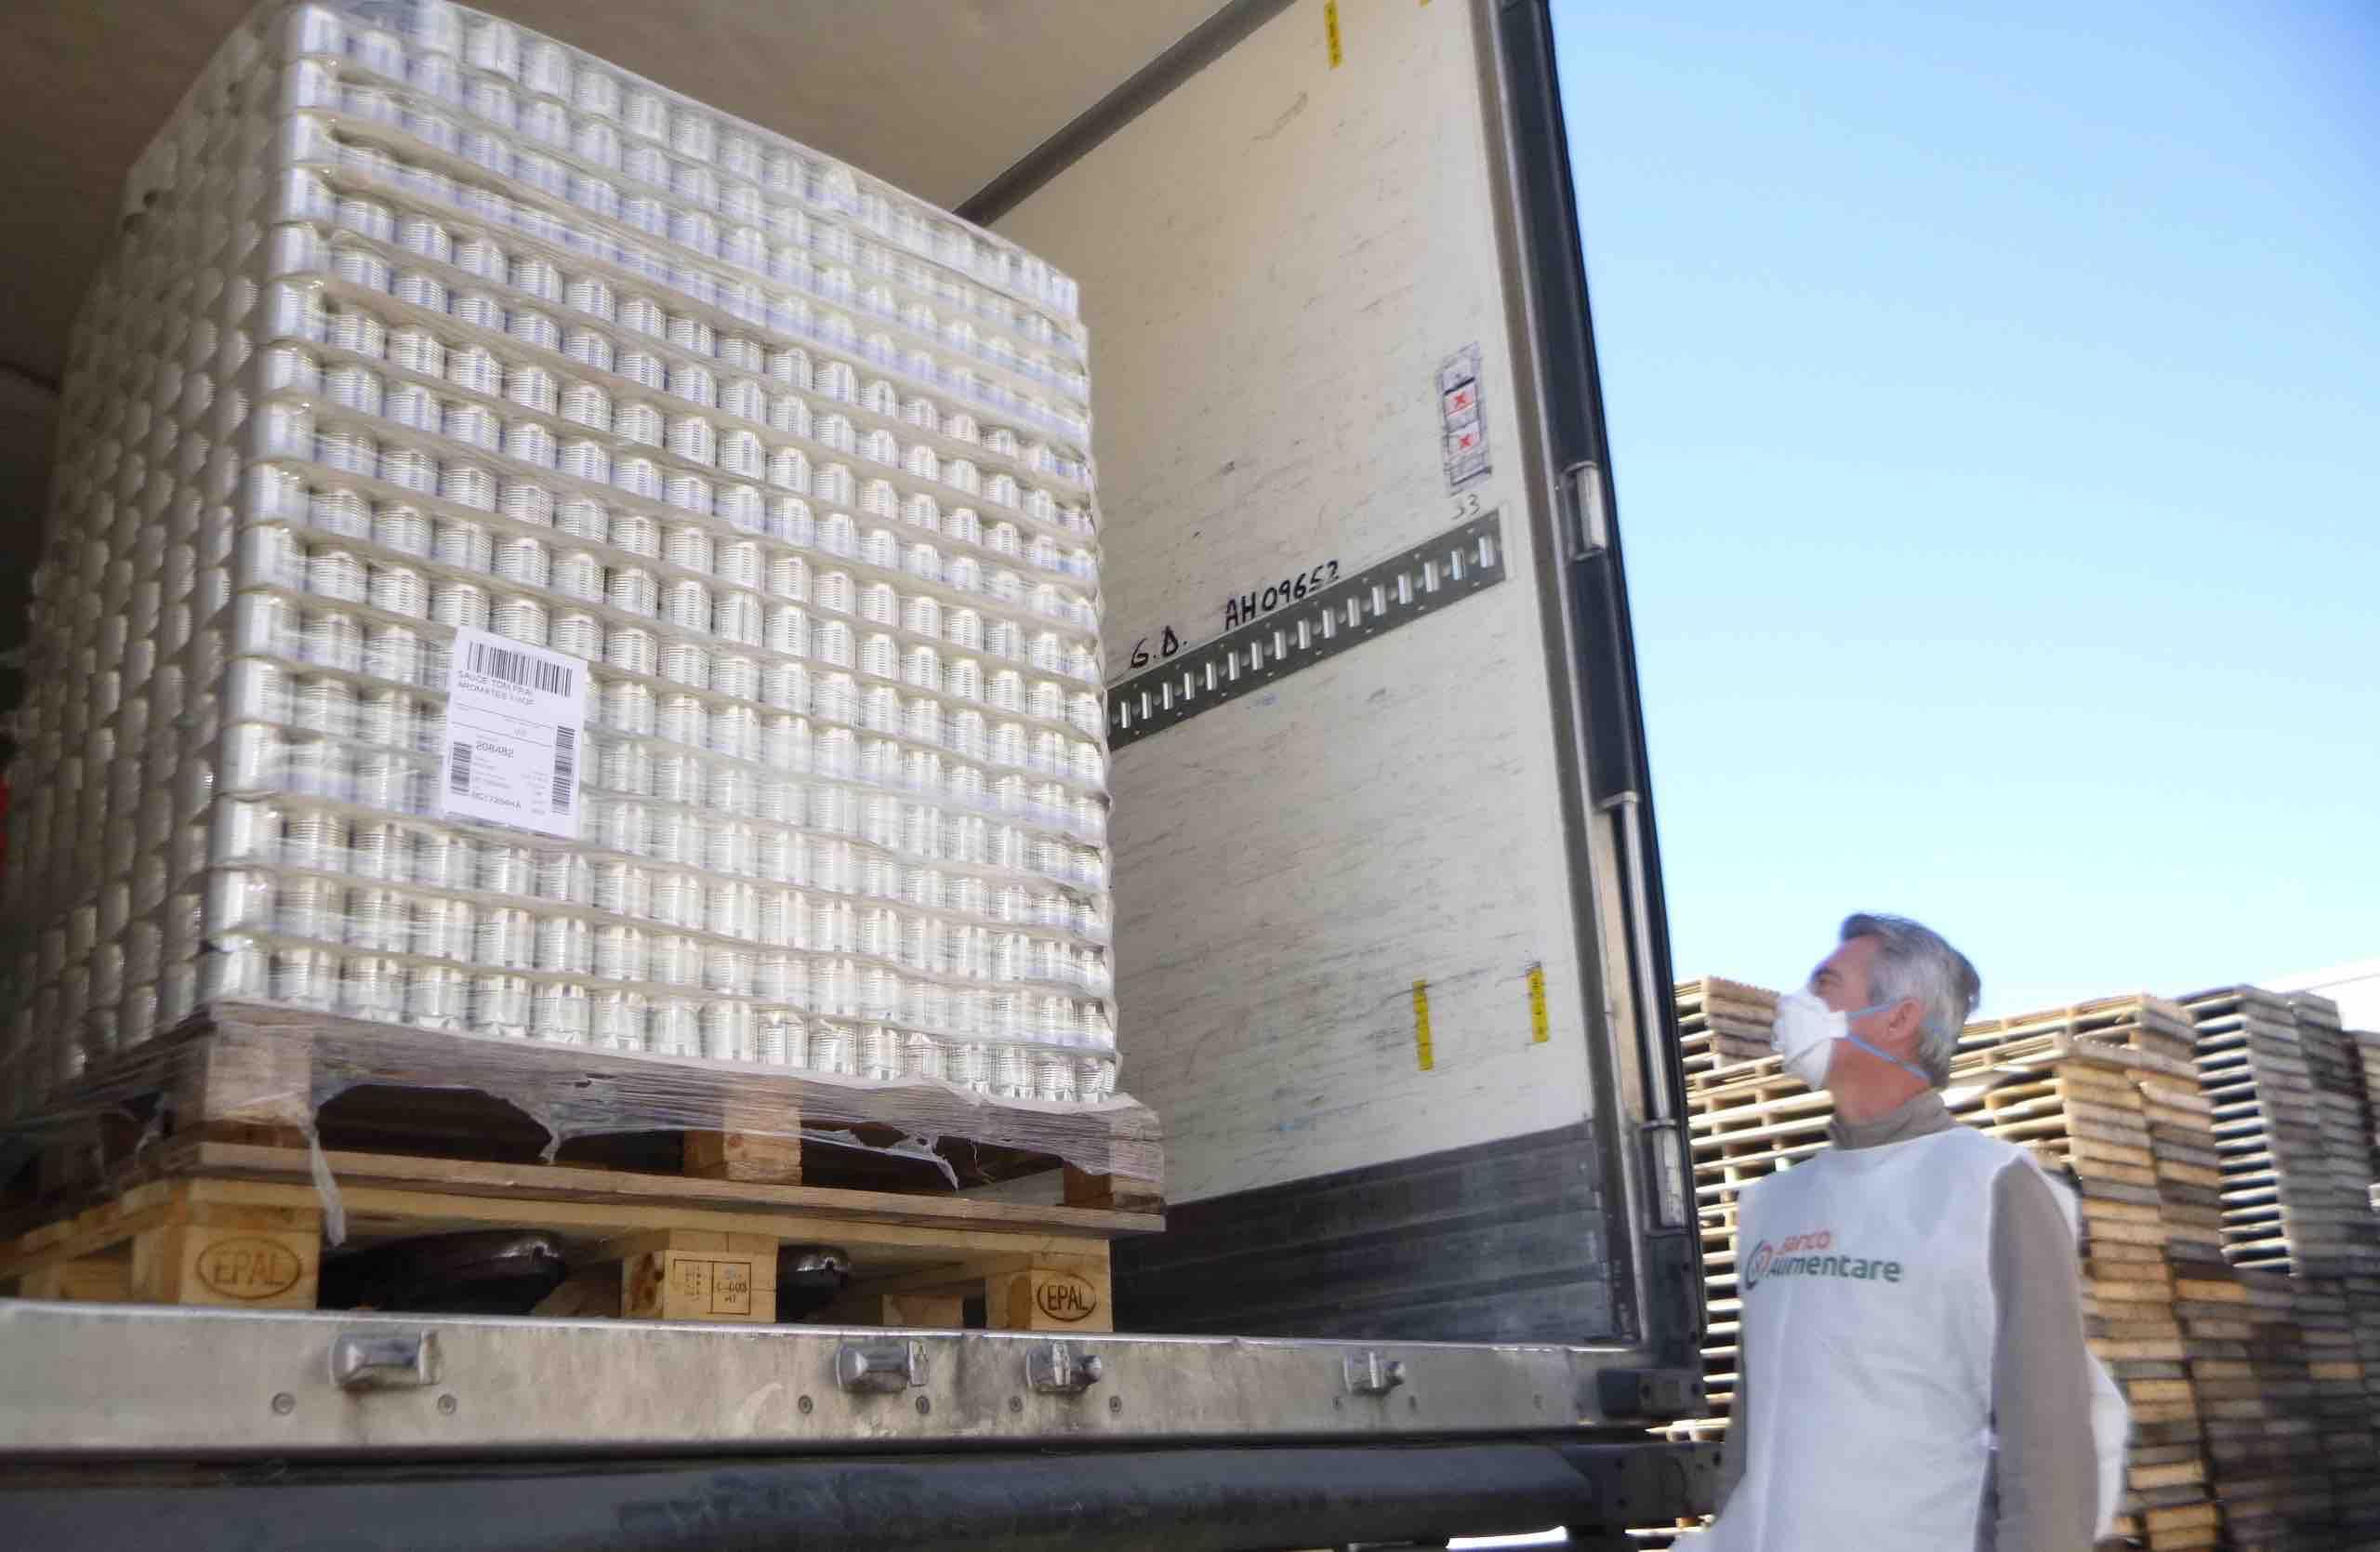 Donazione Banco limentare 15 apr 20 carico prodotti